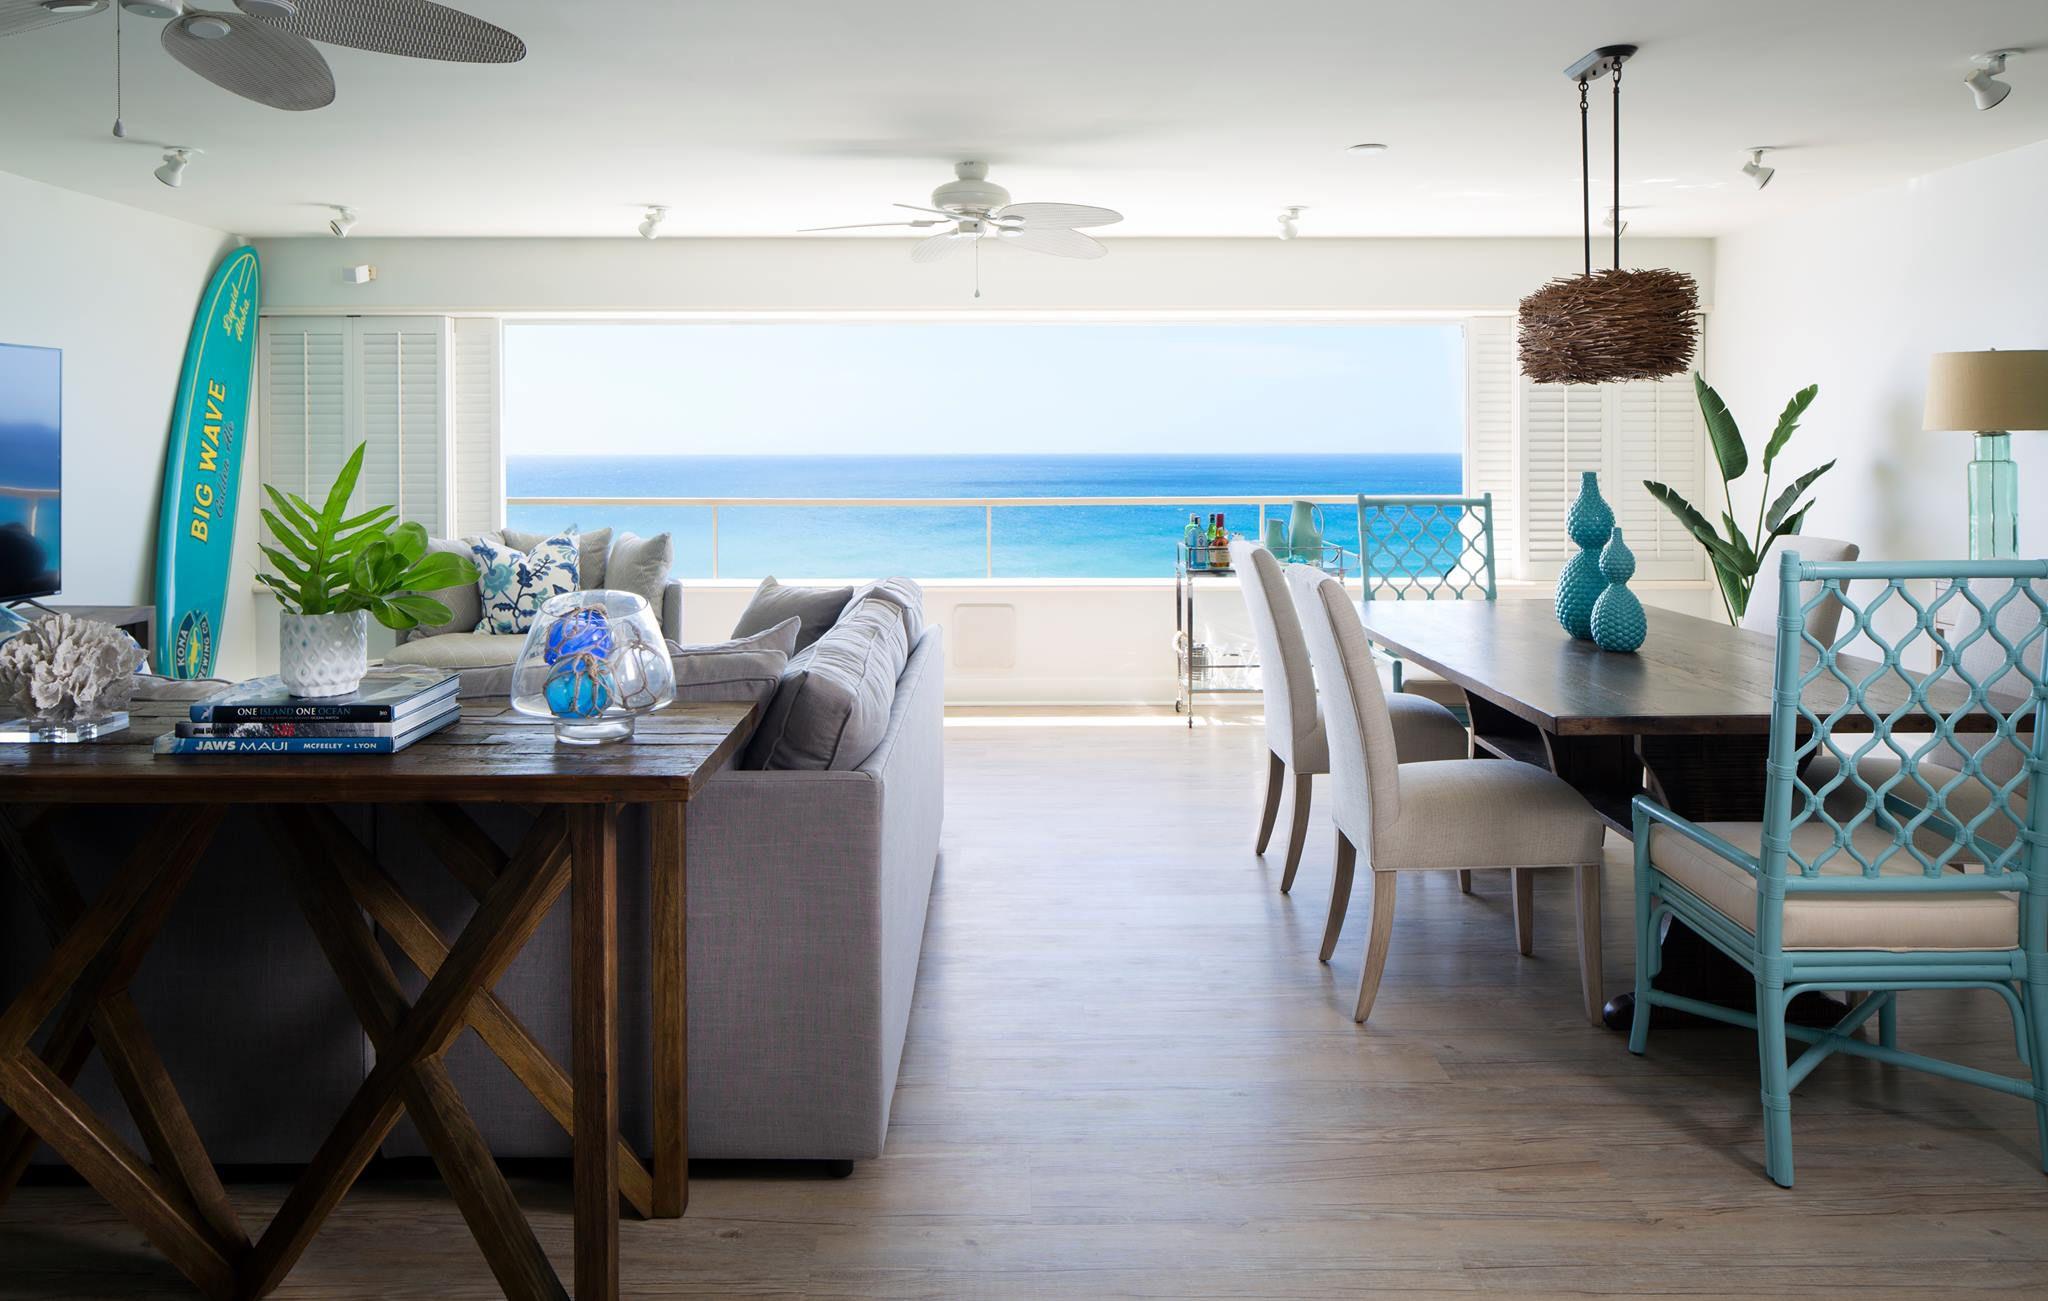 4 Best Furniture Stores in Honolulu